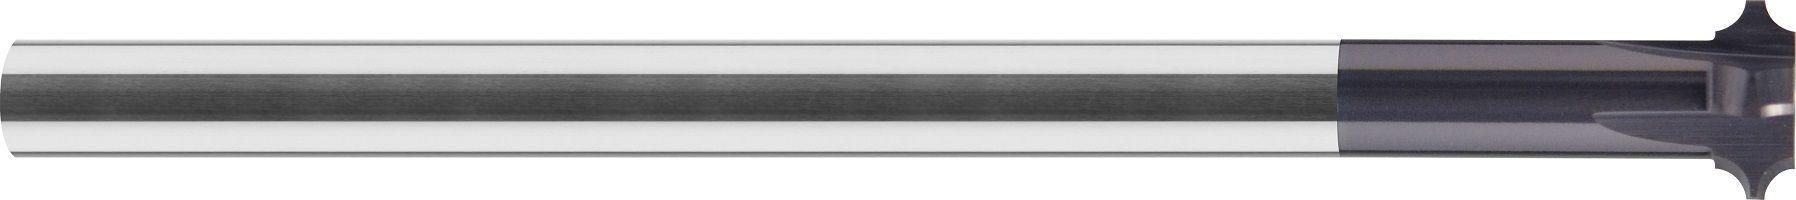 Frez, fazownik z promieniem wklęsłym do zaokrągleń wewn. i zewn. przelotowy, wsteczny, 65 HRC, INOX, ALUMINIUM, VHM TiALN (730)